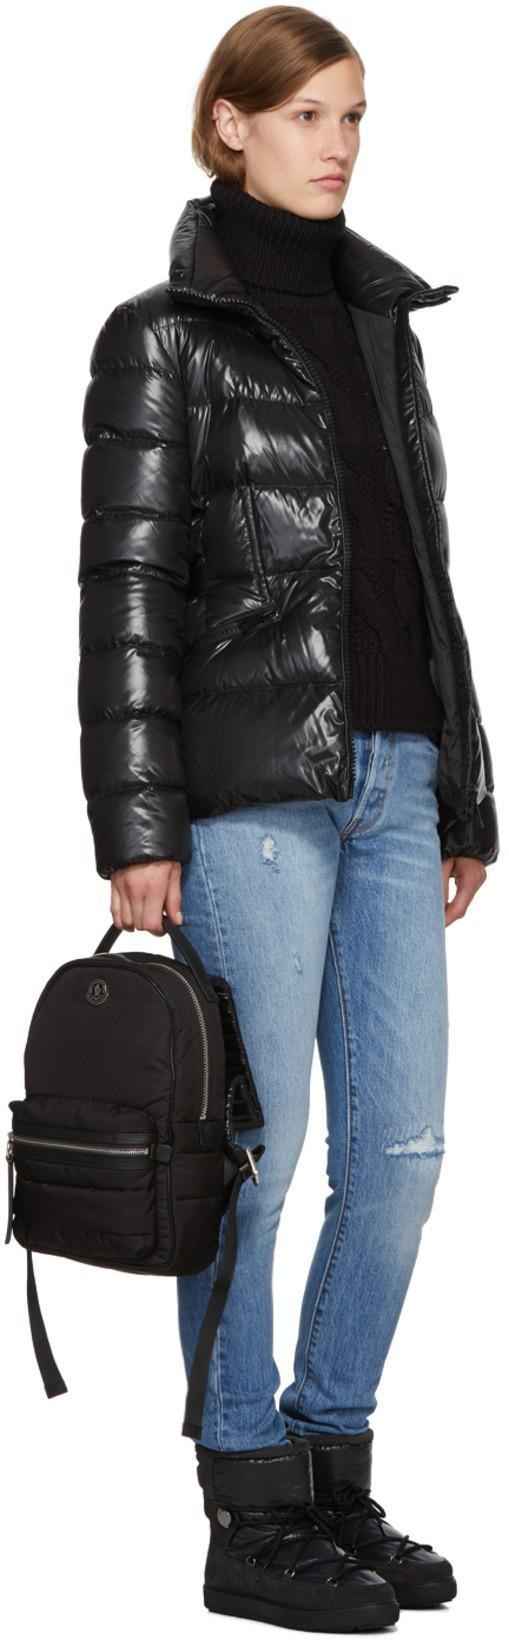 MONCLER Georgette Backpack, 999 Black